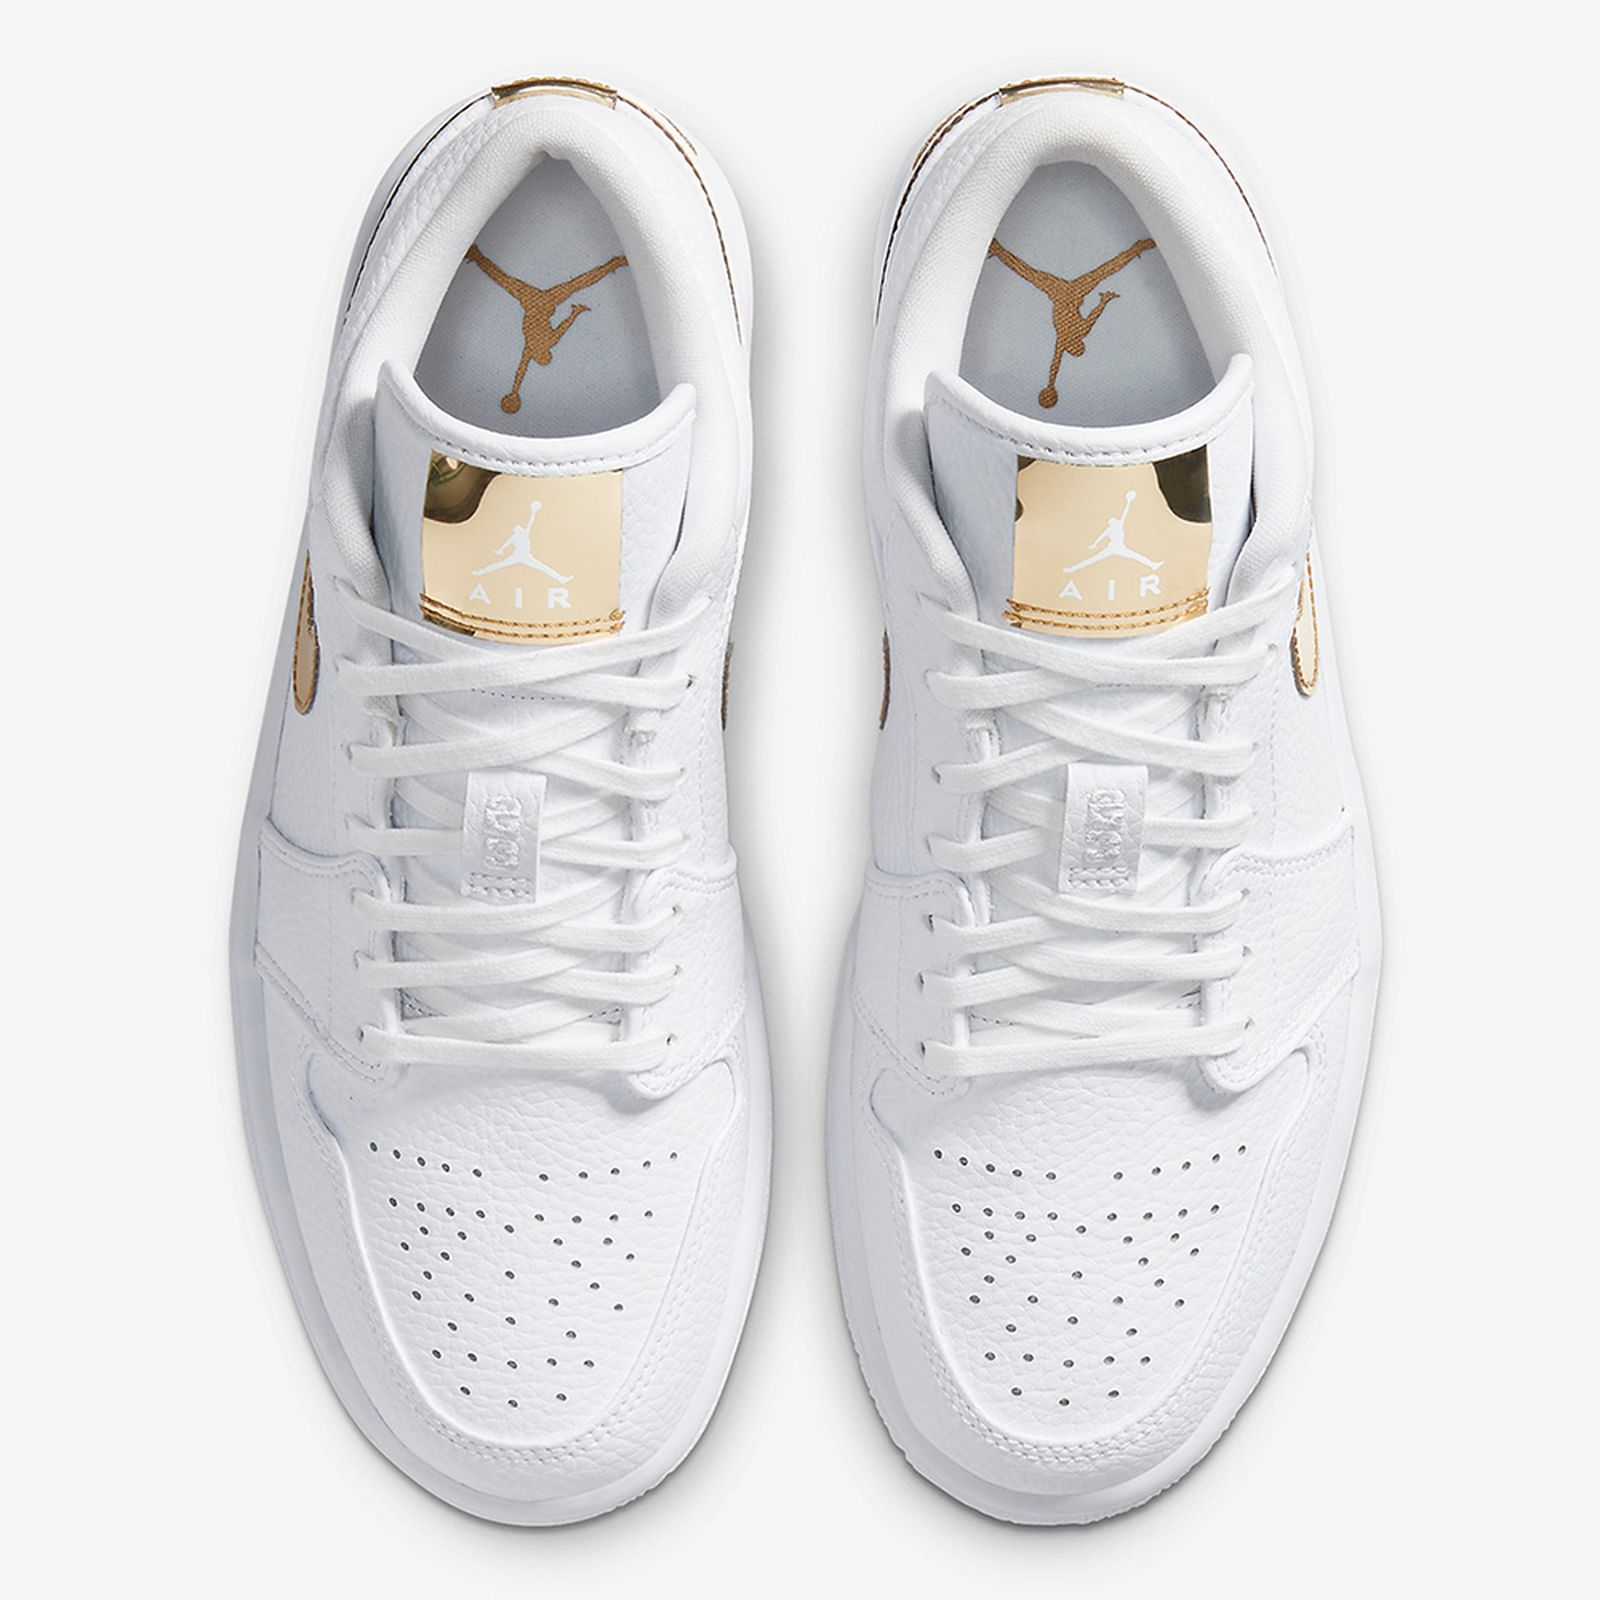 Nike Air Jordan 1 Low White/Metallic Gold